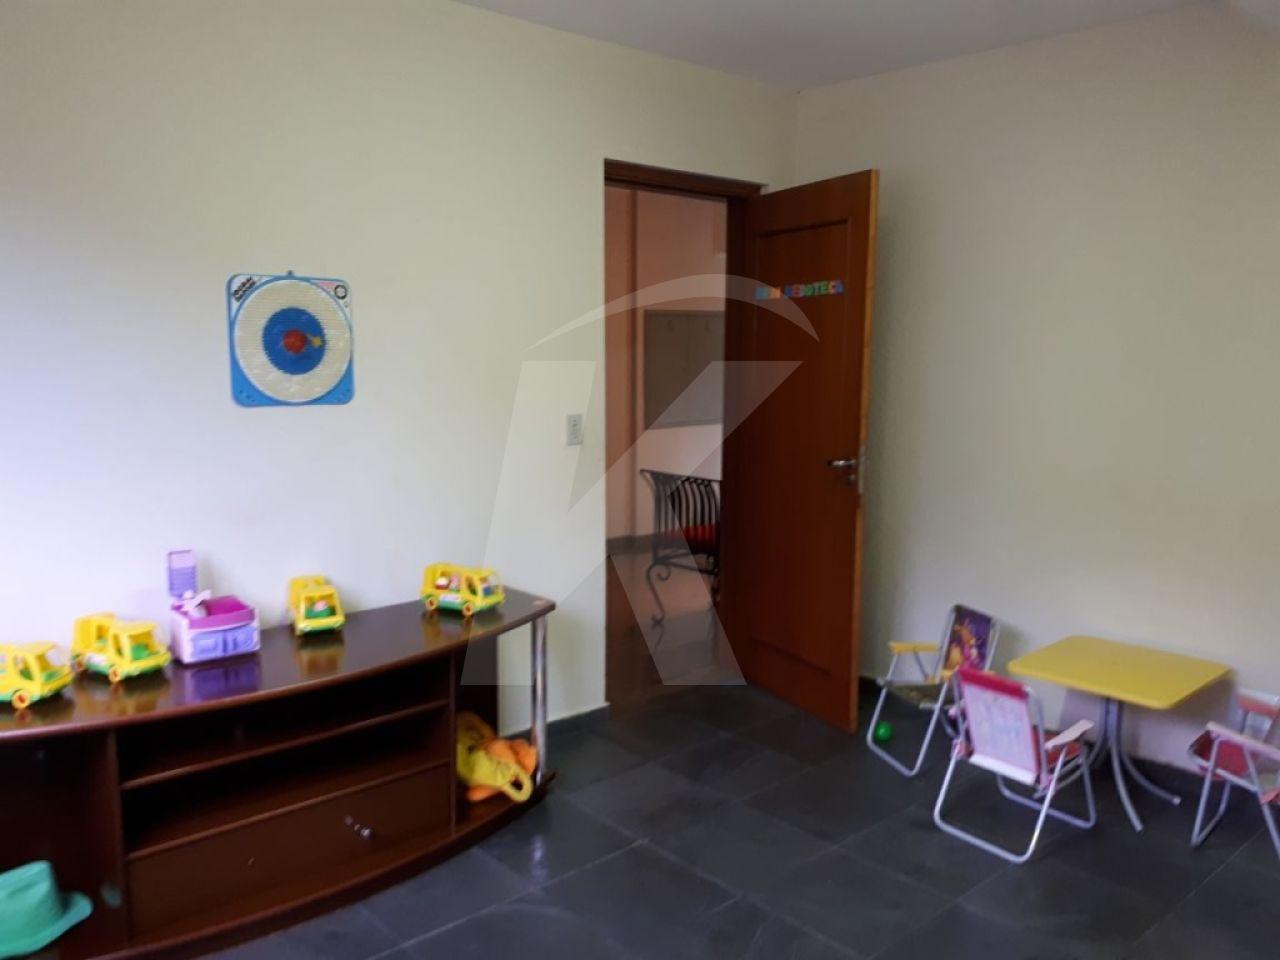 Apartamento Vila Gustavo - 2 Dormitório(s) - São Paulo - SP - REF. KA6019